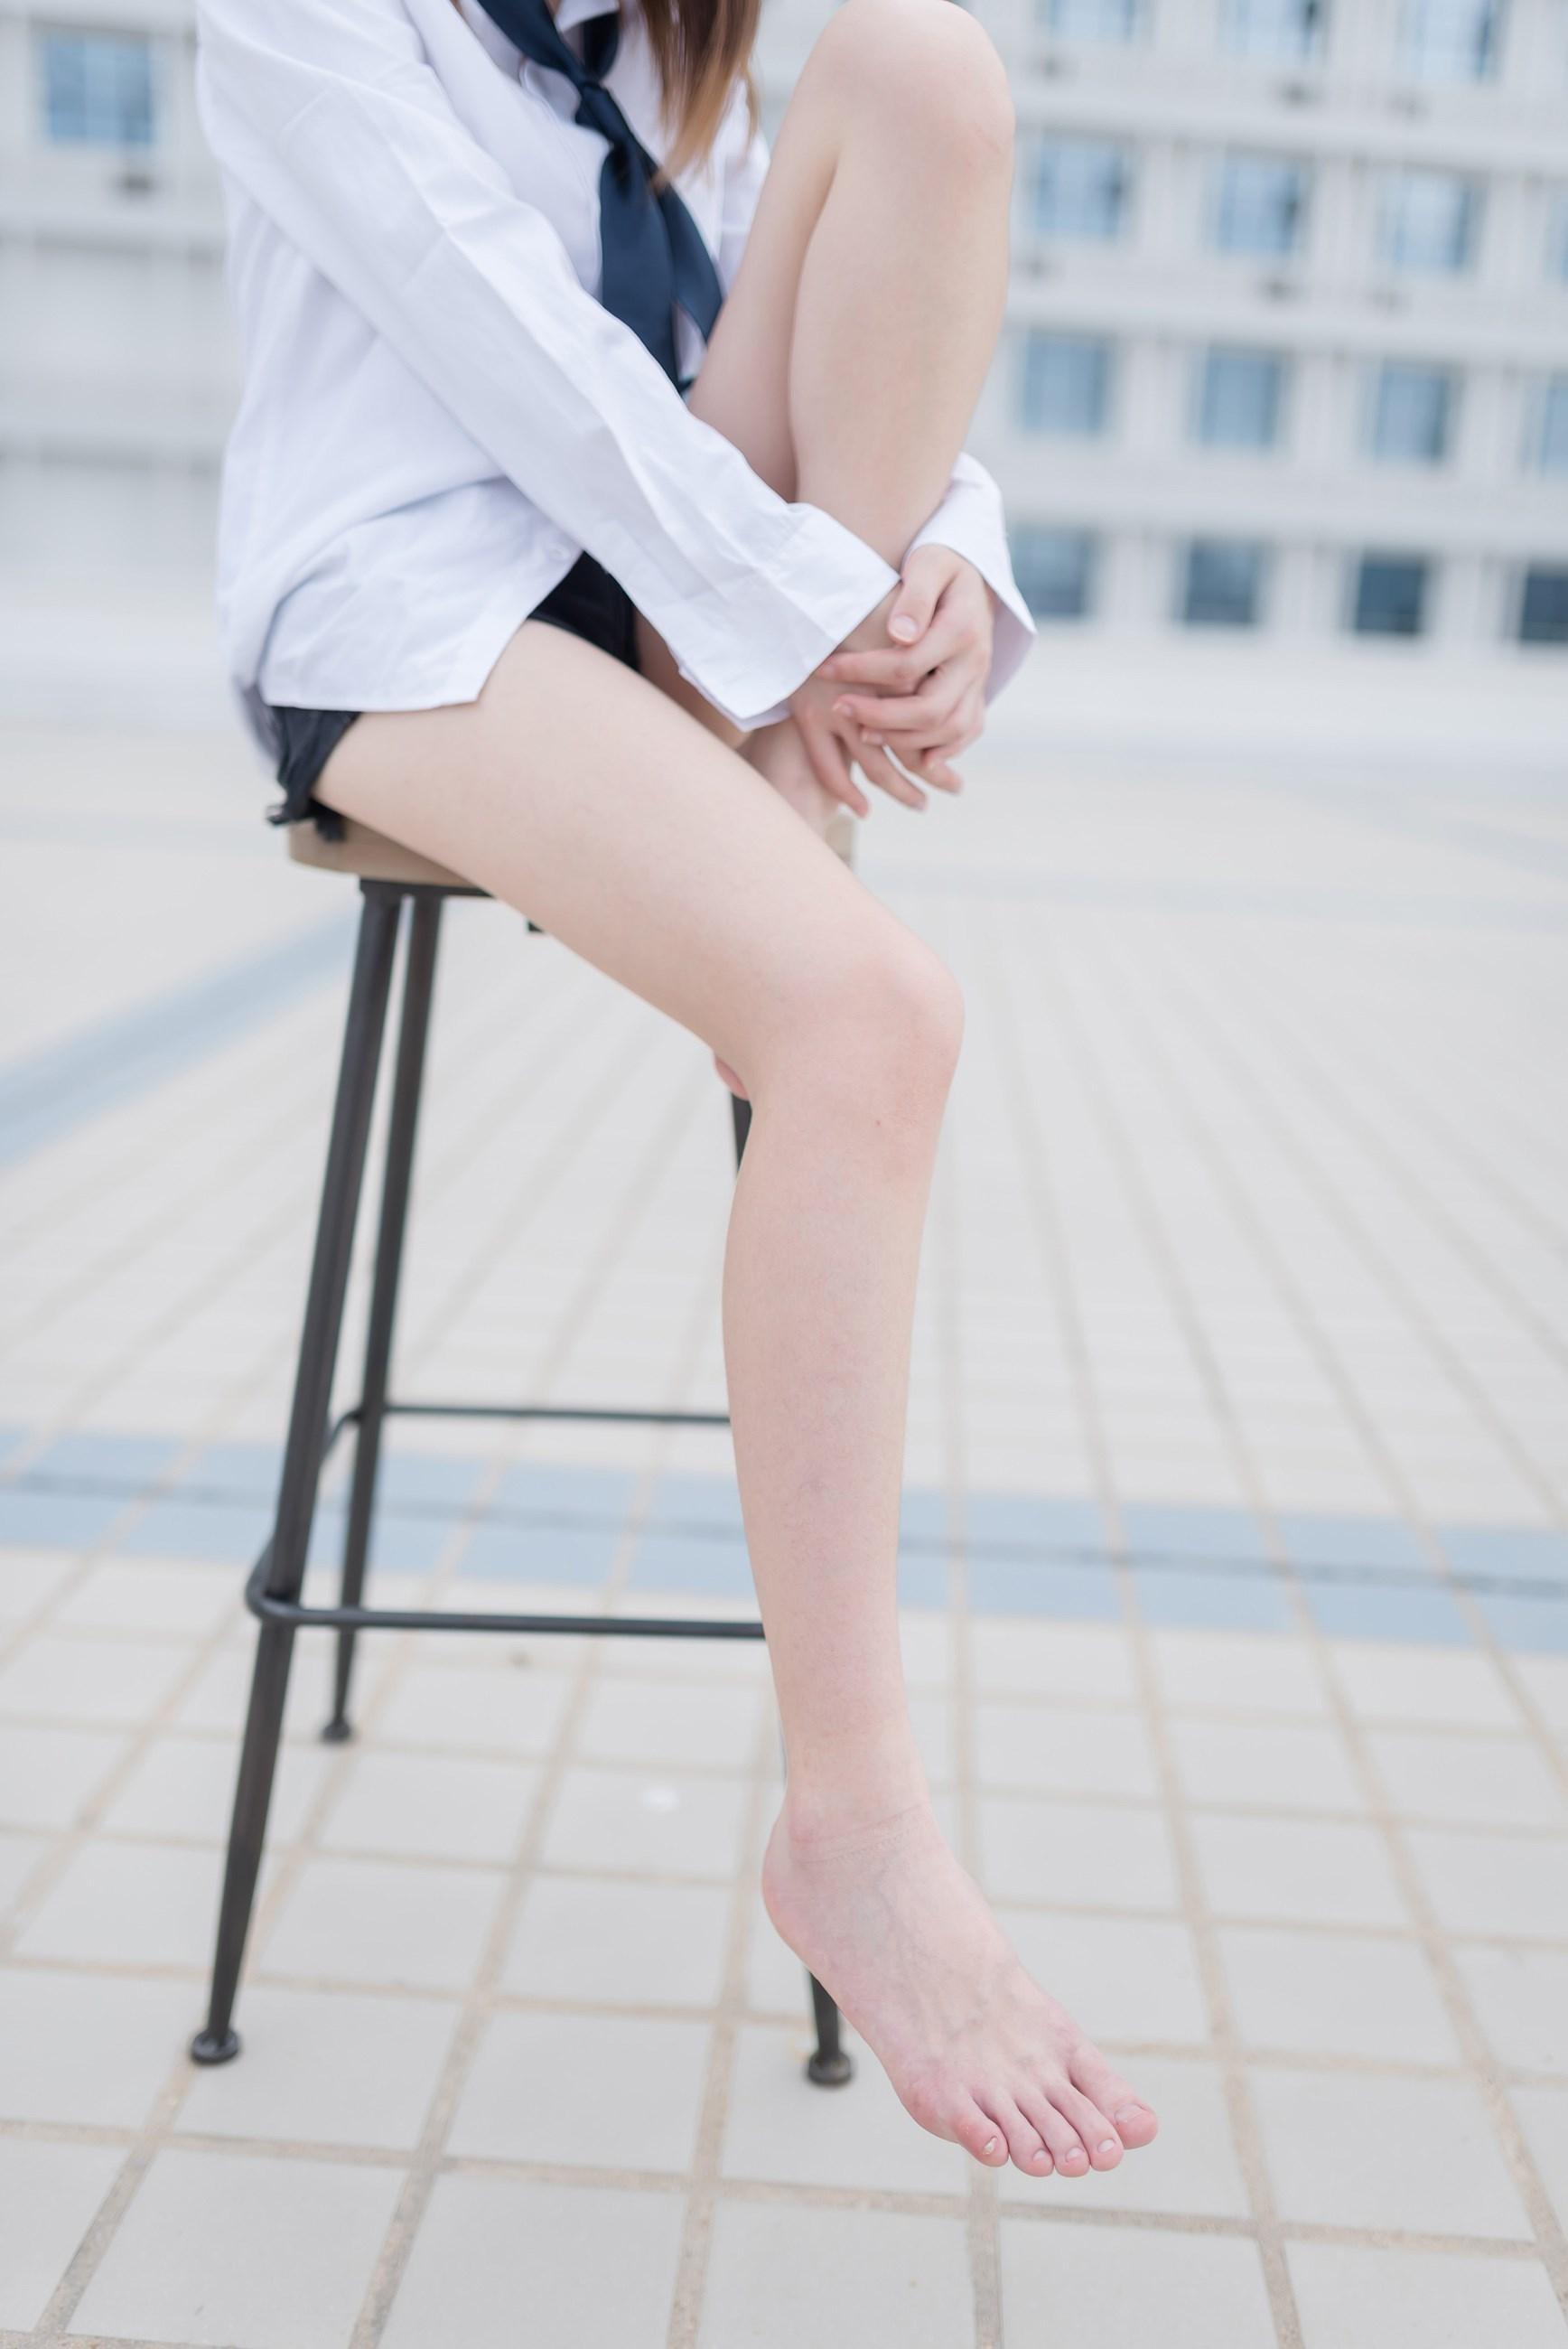 【兔玩映画】裸脚白衬衫 · 足控福利 兔玩映画 第8张